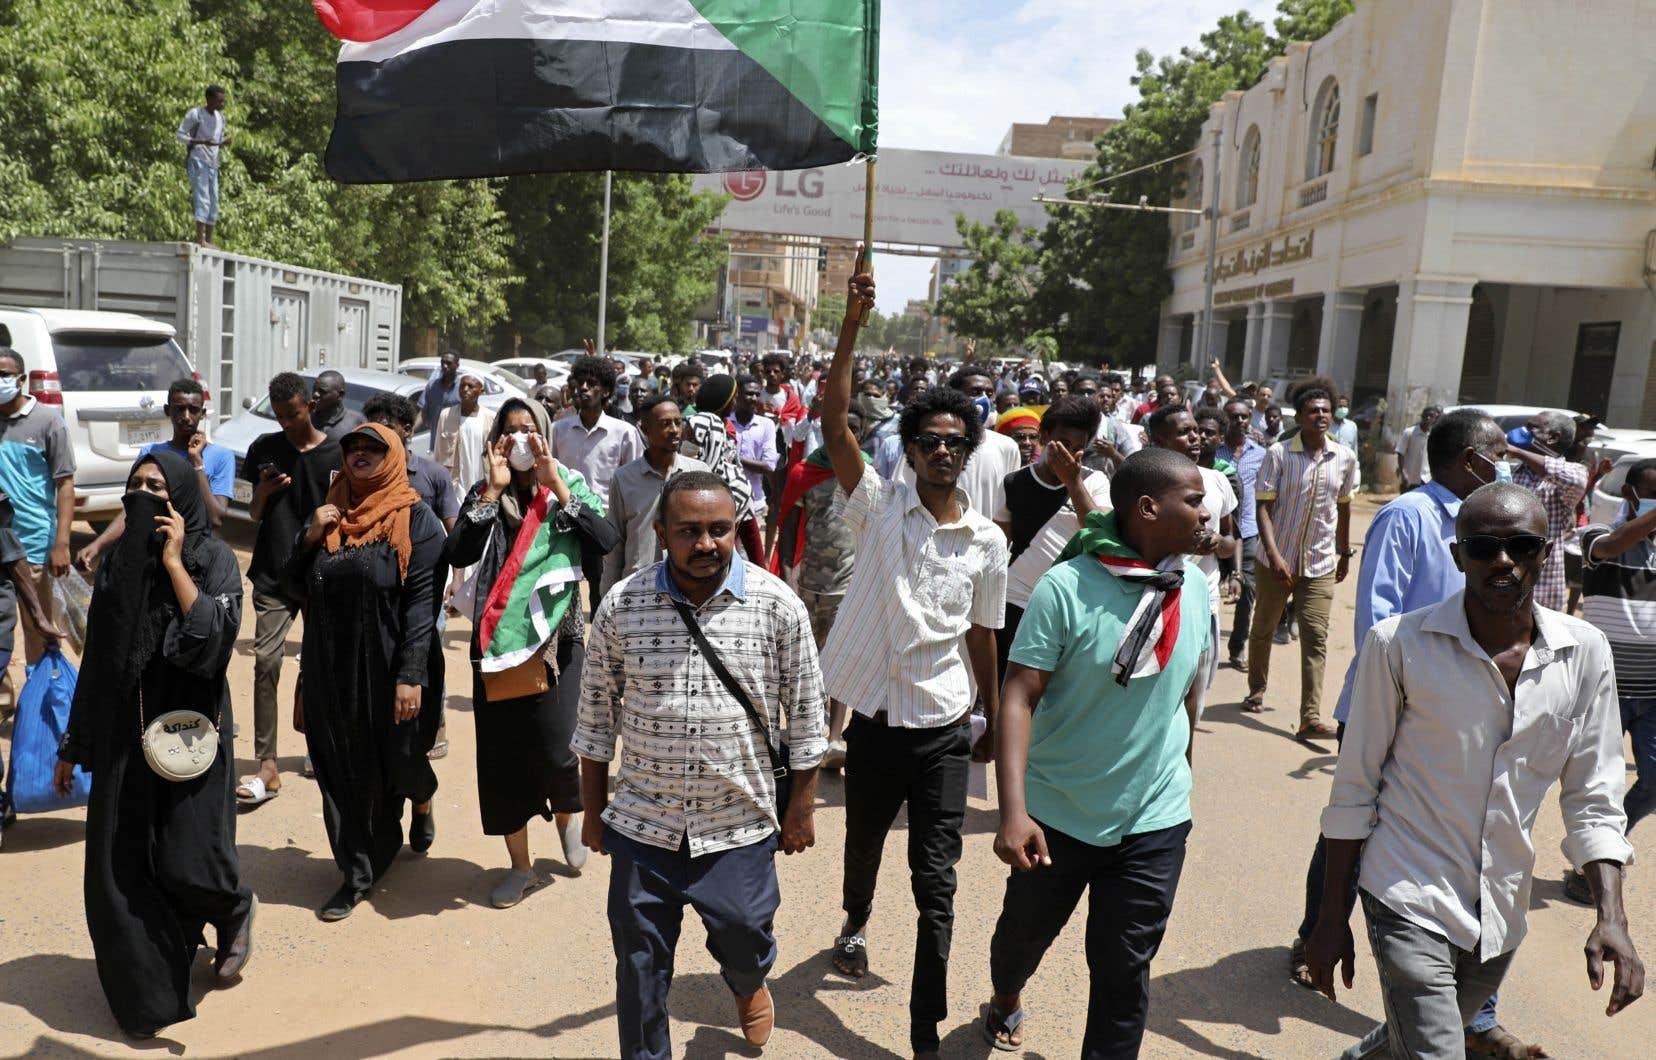 Il y a deux semaines, des manifestants réclamaient à Karthoum davantage de réformes, un an après la chute du régime d'Omar el-Béchir.